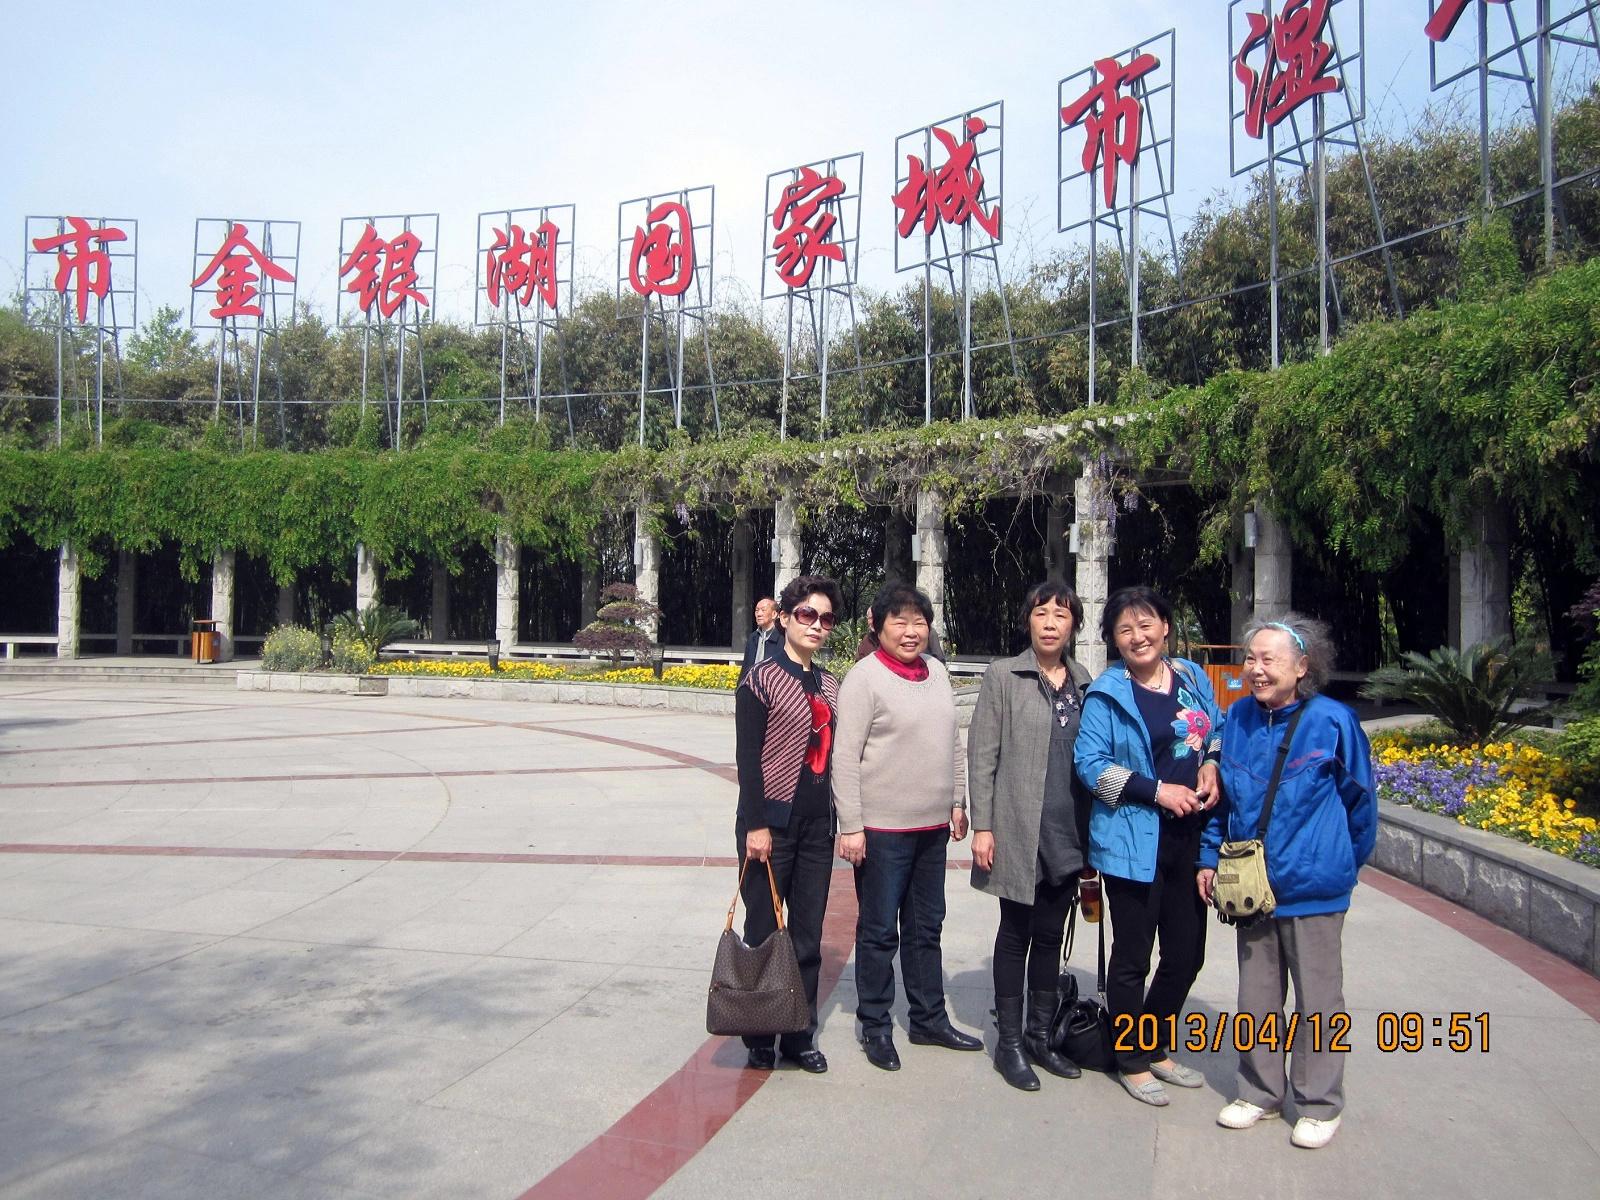 武汉市金银湖湿地公园~2013.04.12 - 【芳仙姑】 - 健康是最佳礼物  知足是最大财富